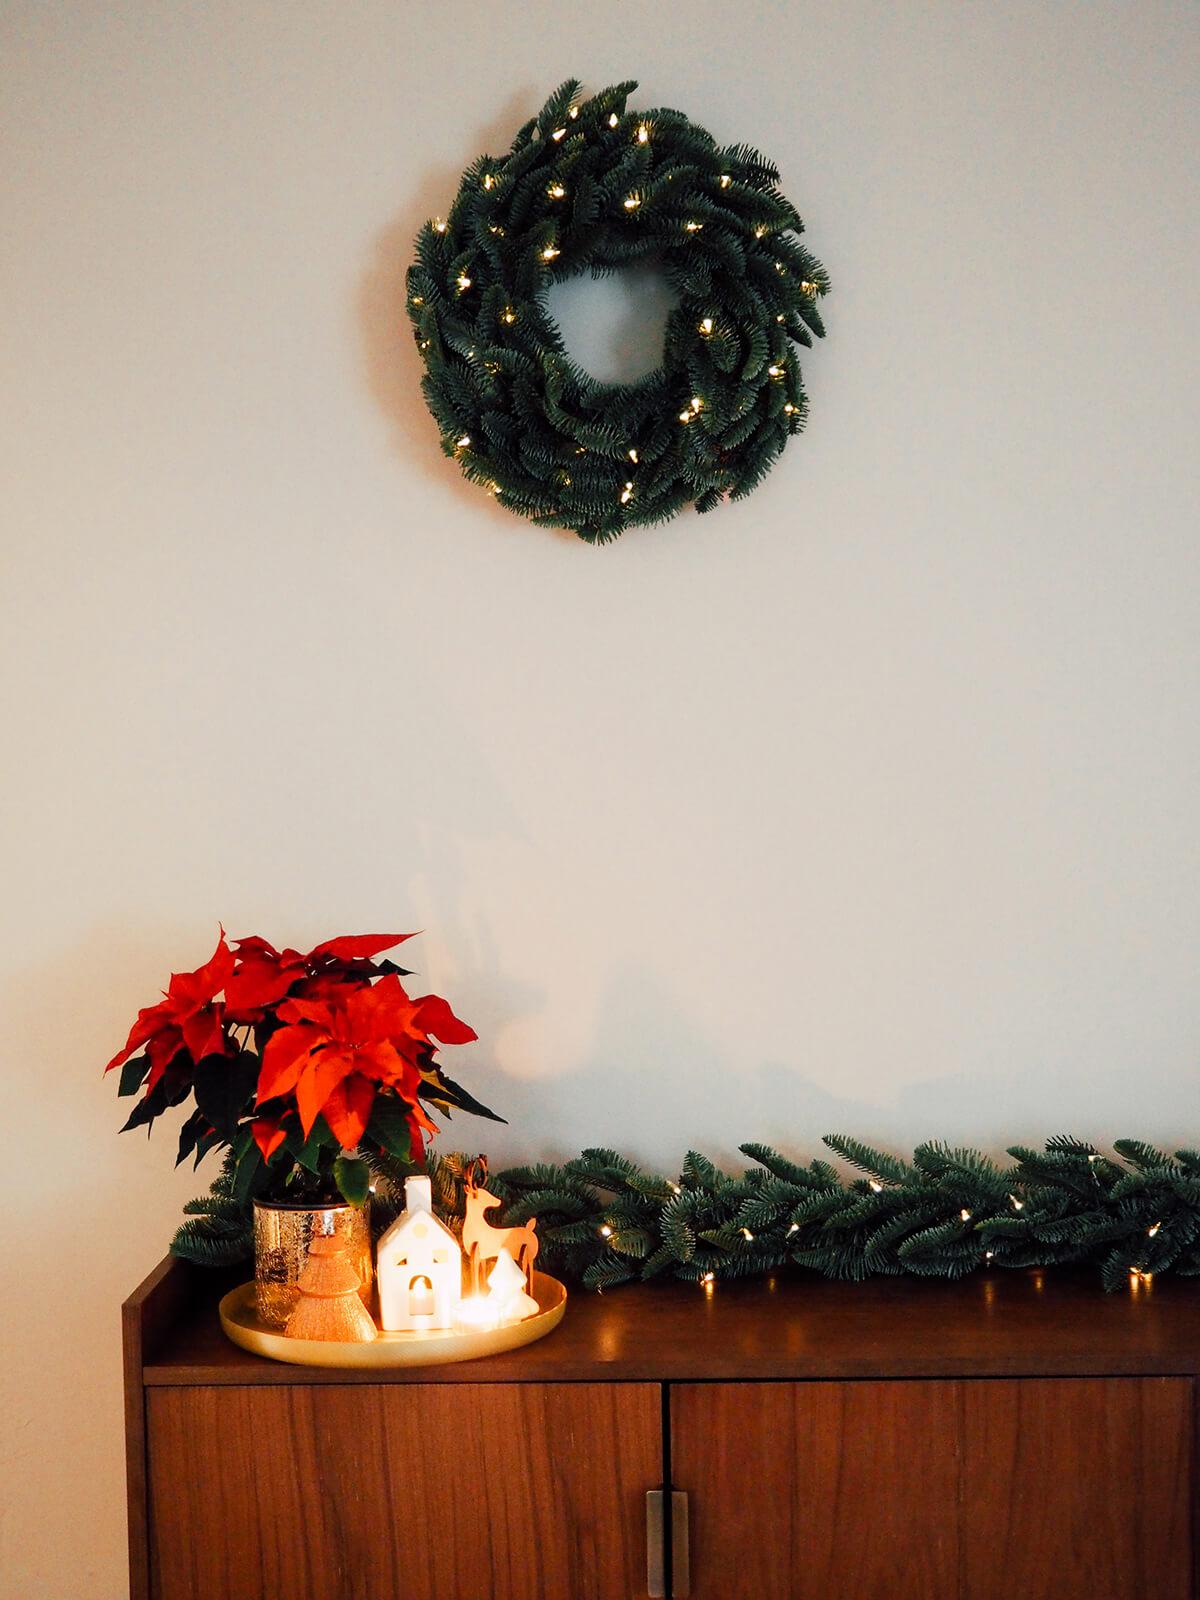 Décorer son intérieur pour Noël (sans forcément faire de sapin)